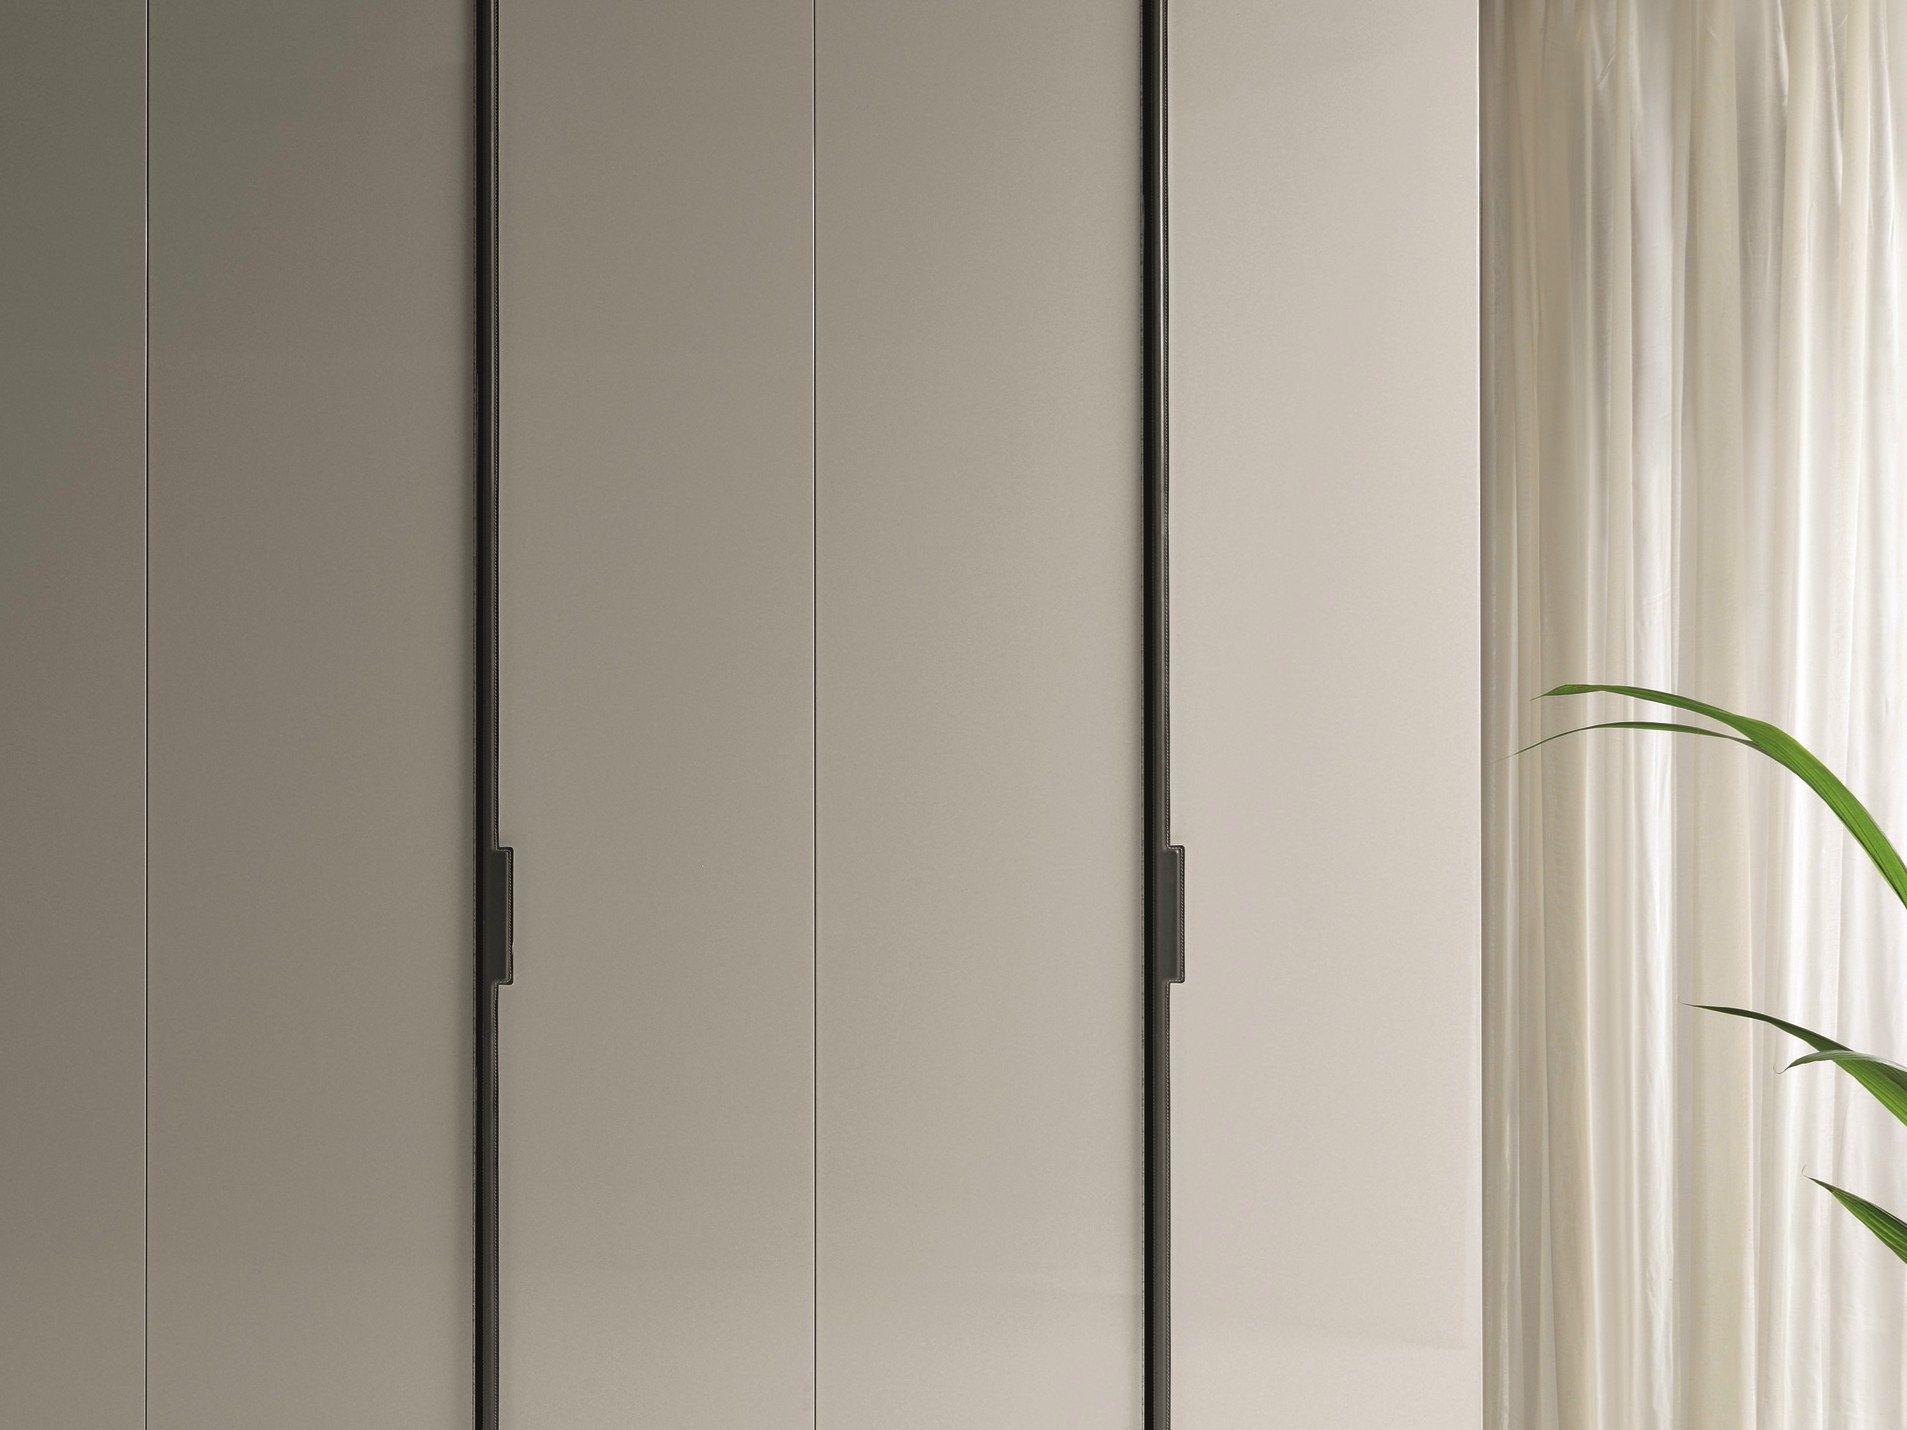 #4C6425 Armoire En Bois à Portes Coulissantes Sur Mesure REVERS By  1161 armoires portes coulissantes sur mesure 1907x1430 px @ aertt.com